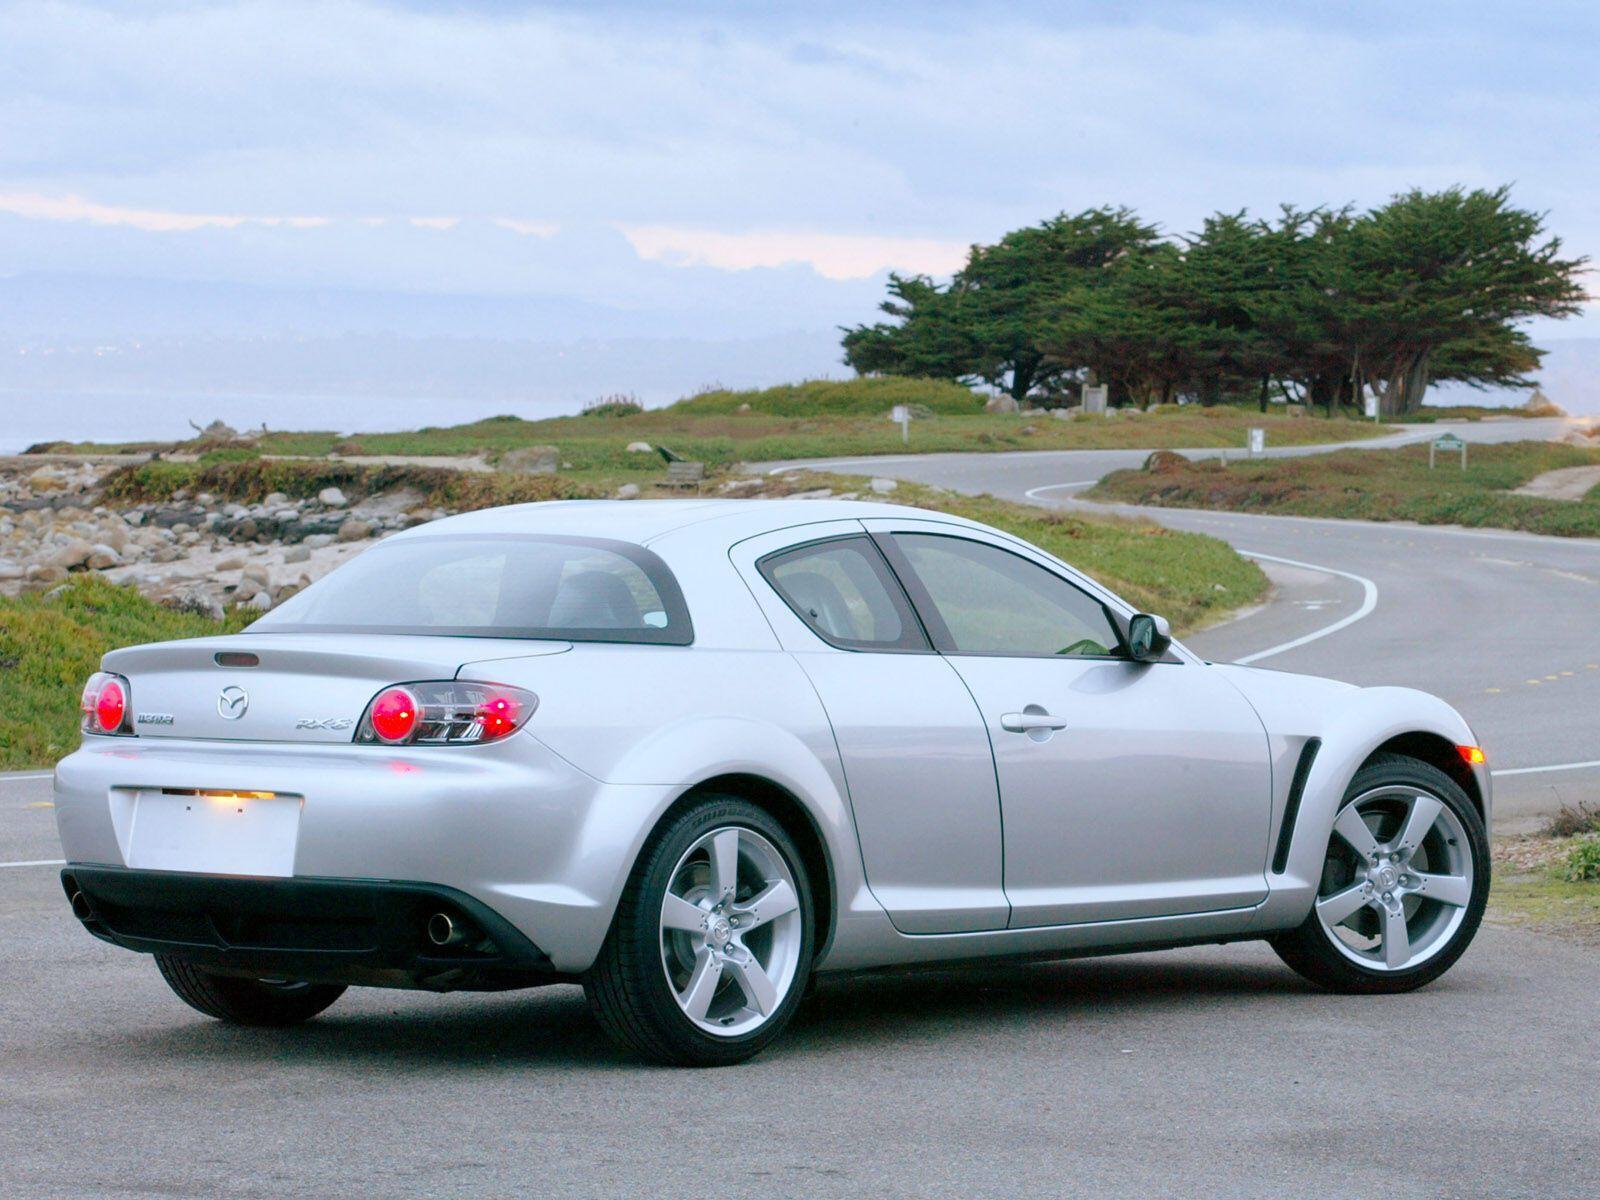 Сбалансированные пропорции и спортивность – так можно охарактеризовать дизайн Mazda RX-8